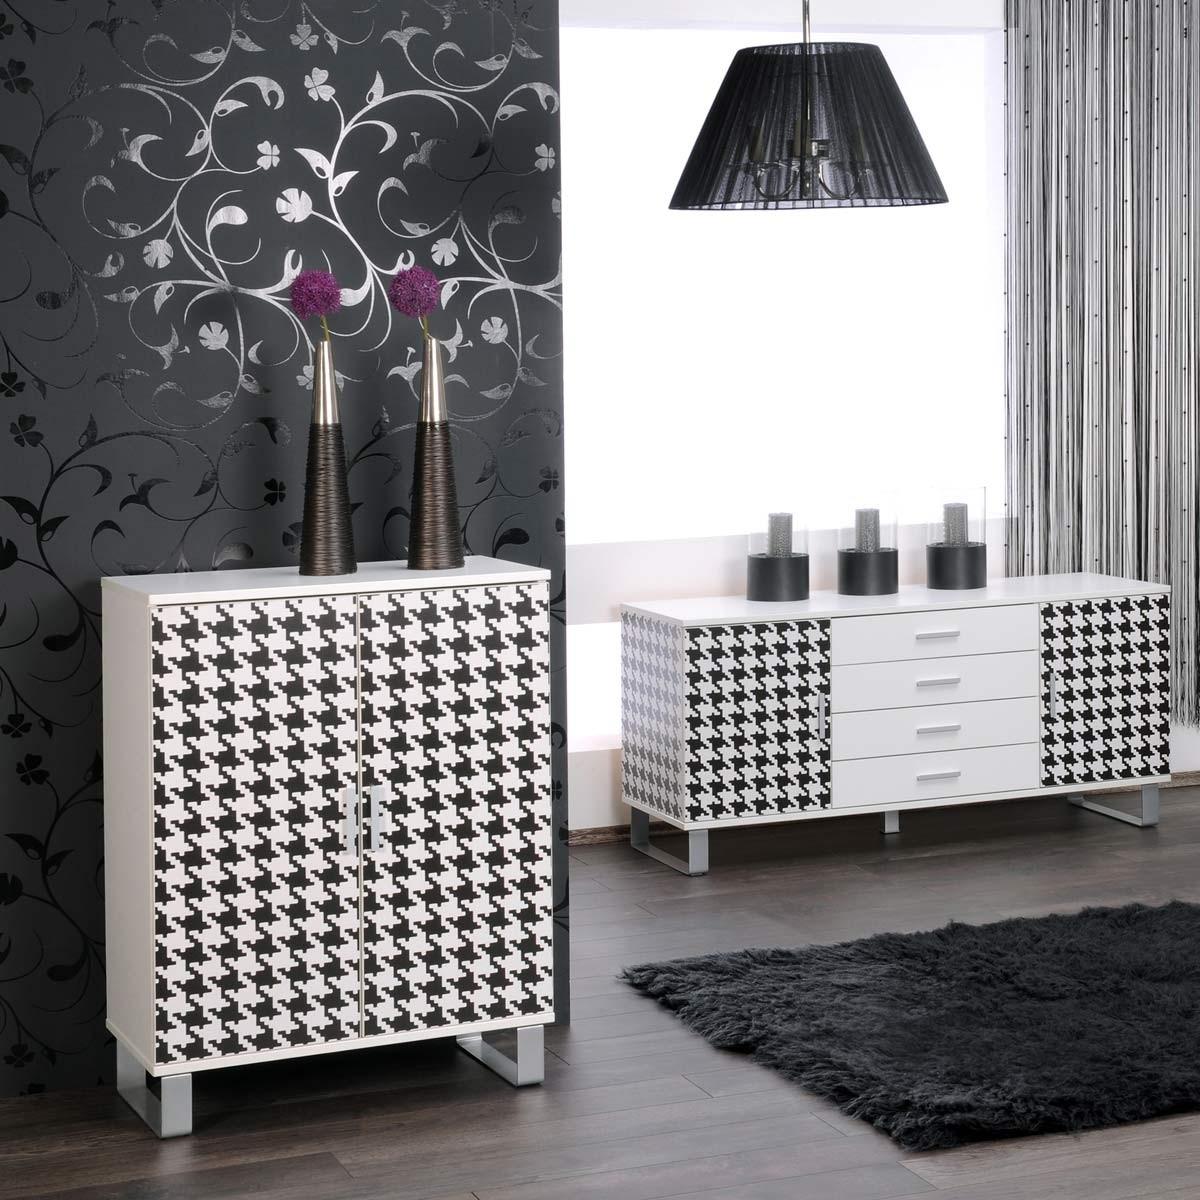 zweitrig gnstig amazing hngelampe herz grau with zweitrig gnstig top kommode schwarz gnstig. Black Bedroom Furniture Sets. Home Design Ideas